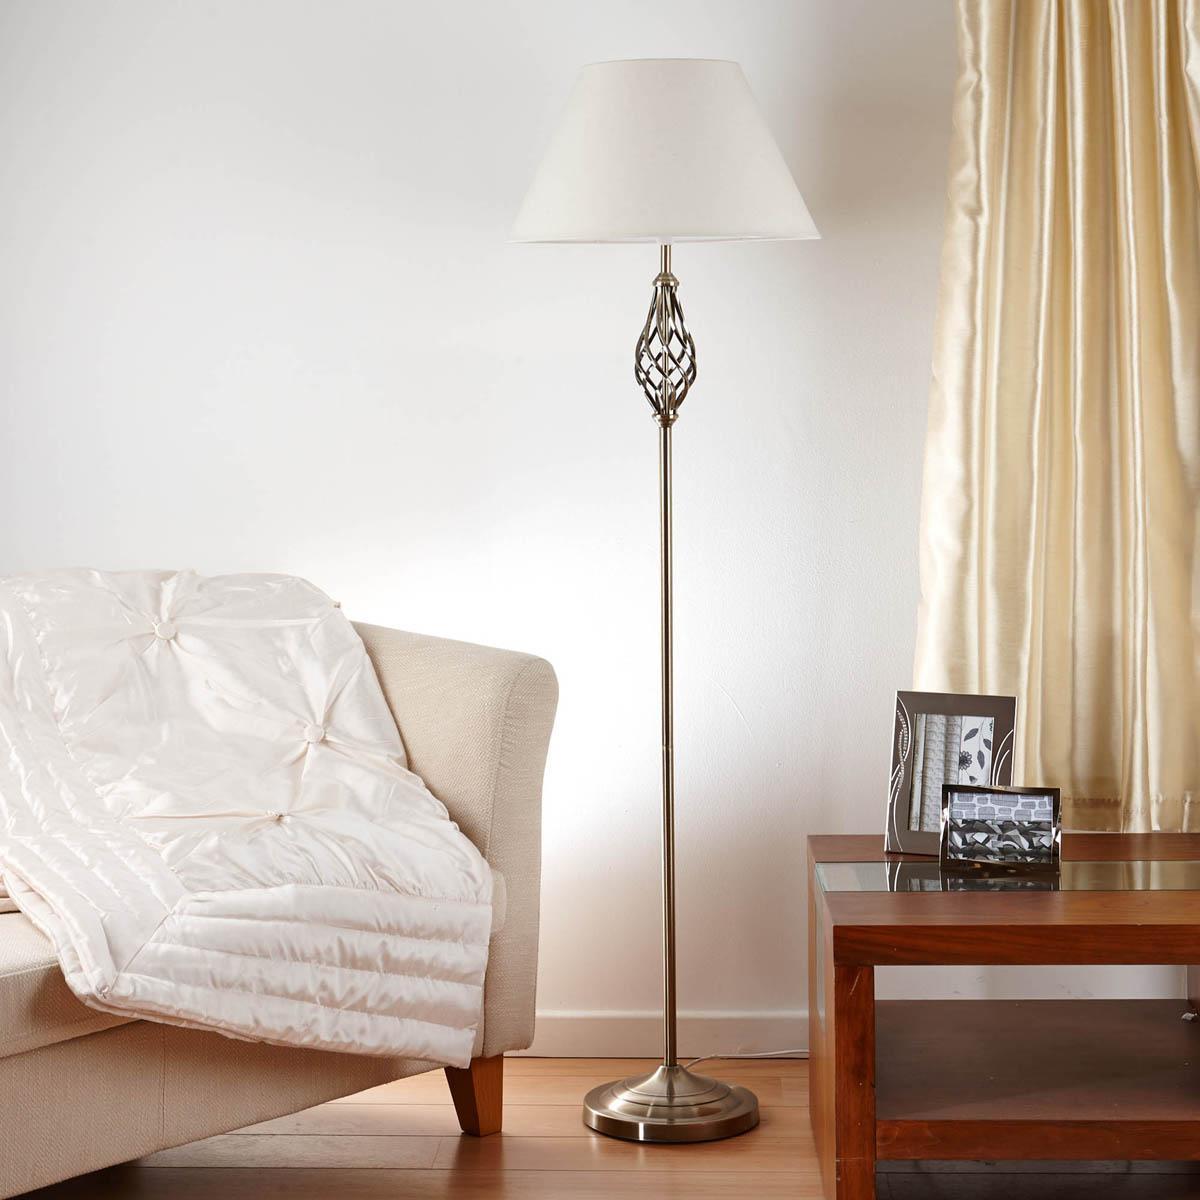 Antique Brass Barley Twist Floor Lamp